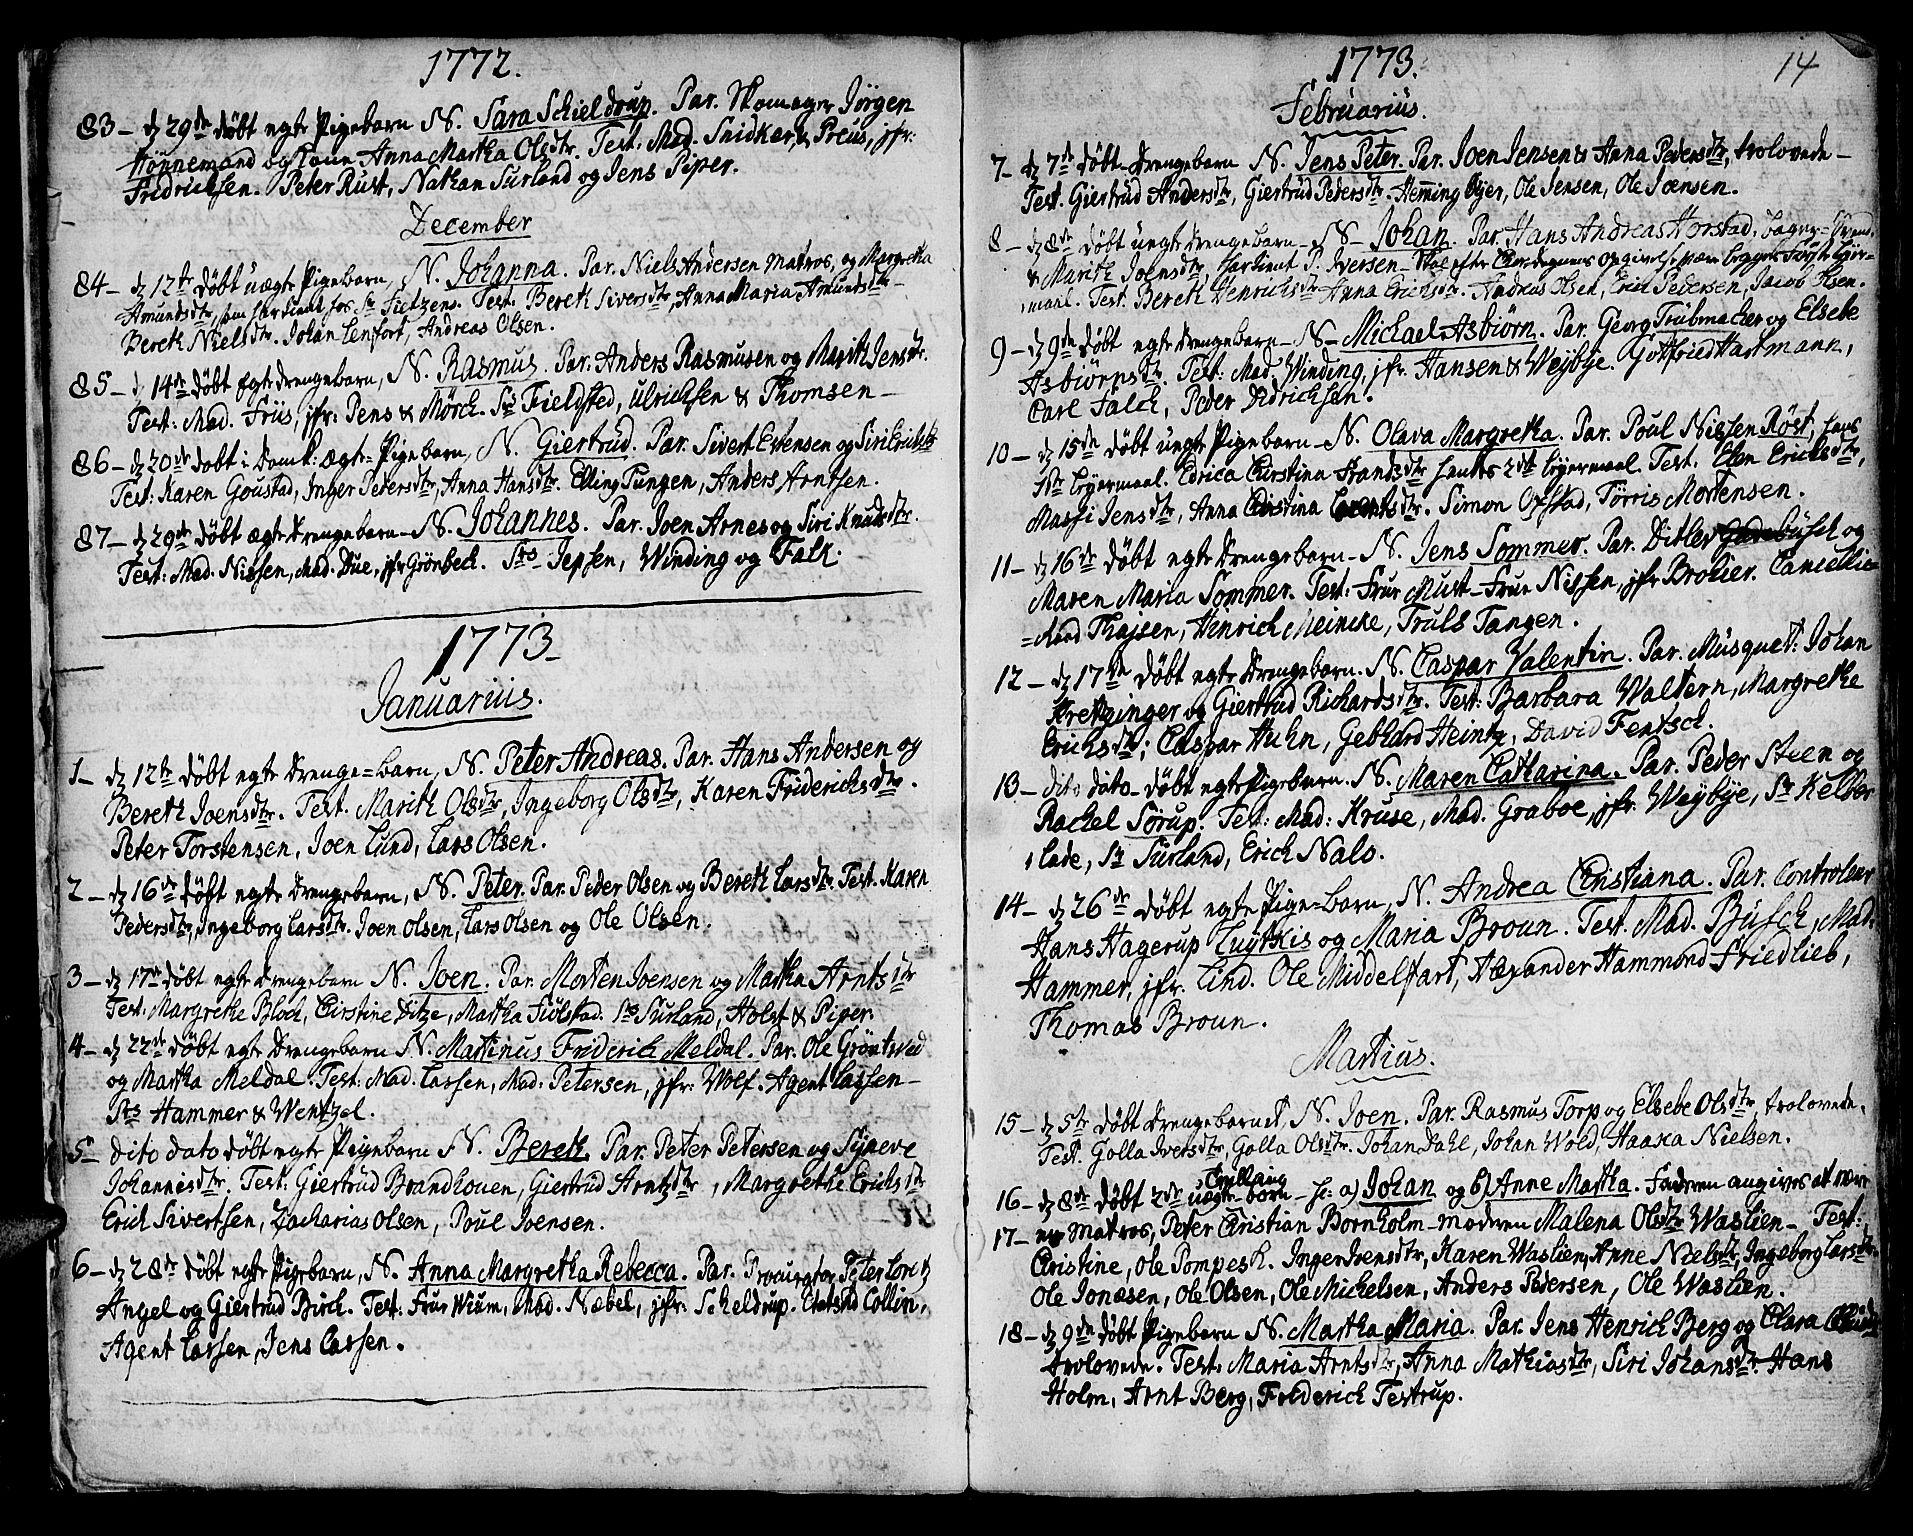 SAT, Ministerialprotokoller, klokkerbøker og fødselsregistre - Sør-Trøndelag, 601/L0039: Ministerialbok nr. 601A07, 1770-1819, s. 14